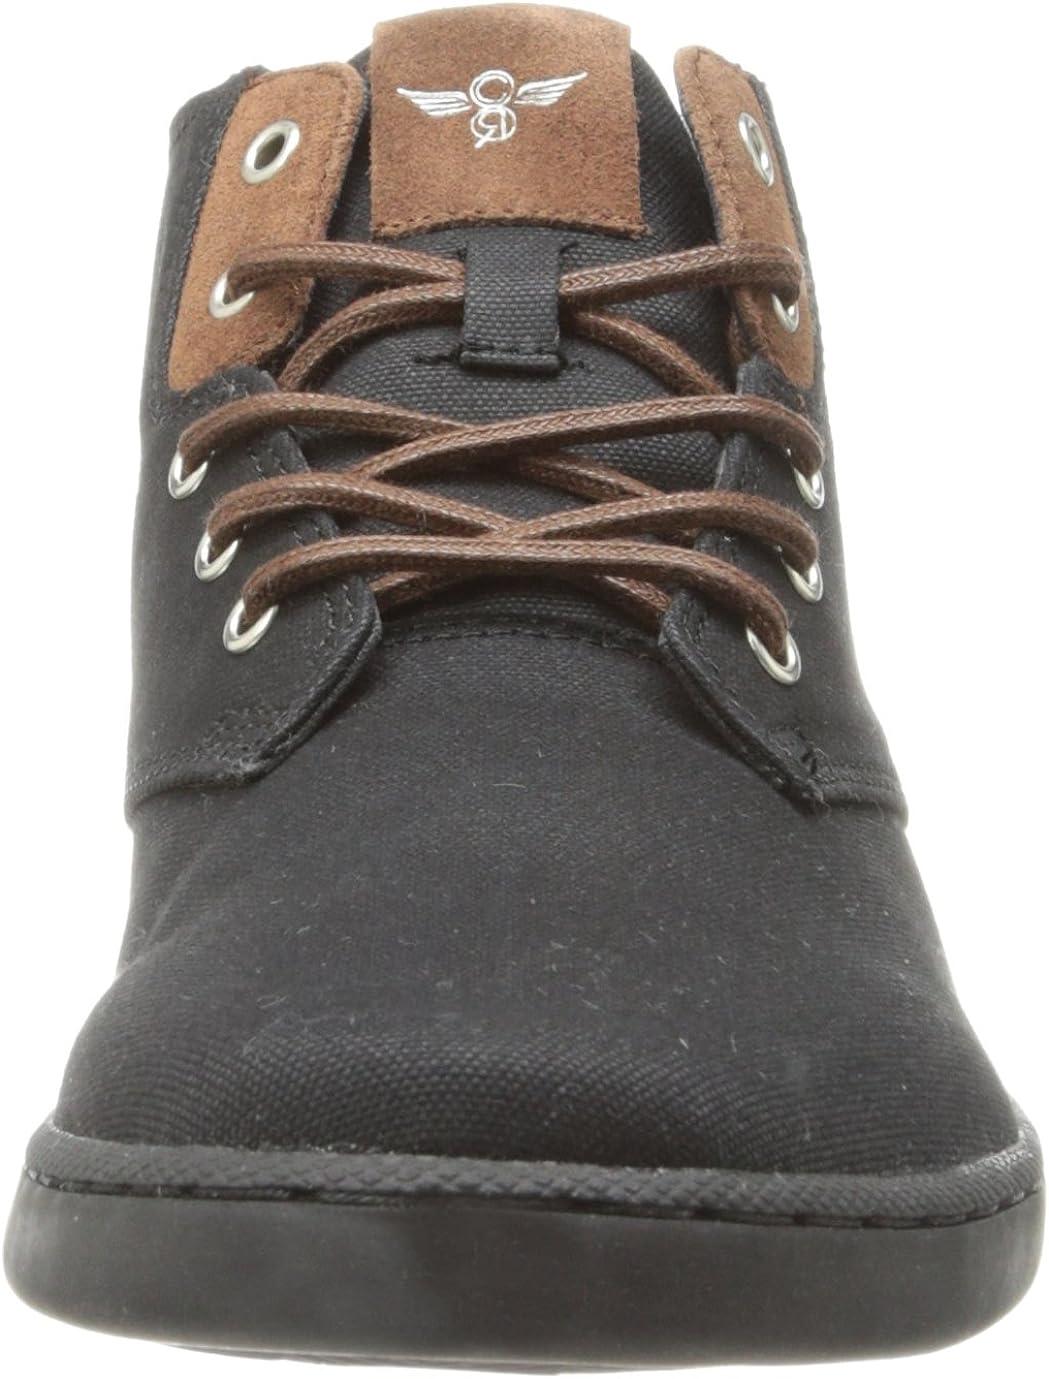 Creative Recreation Men's Vito Fashion Sneaker Black